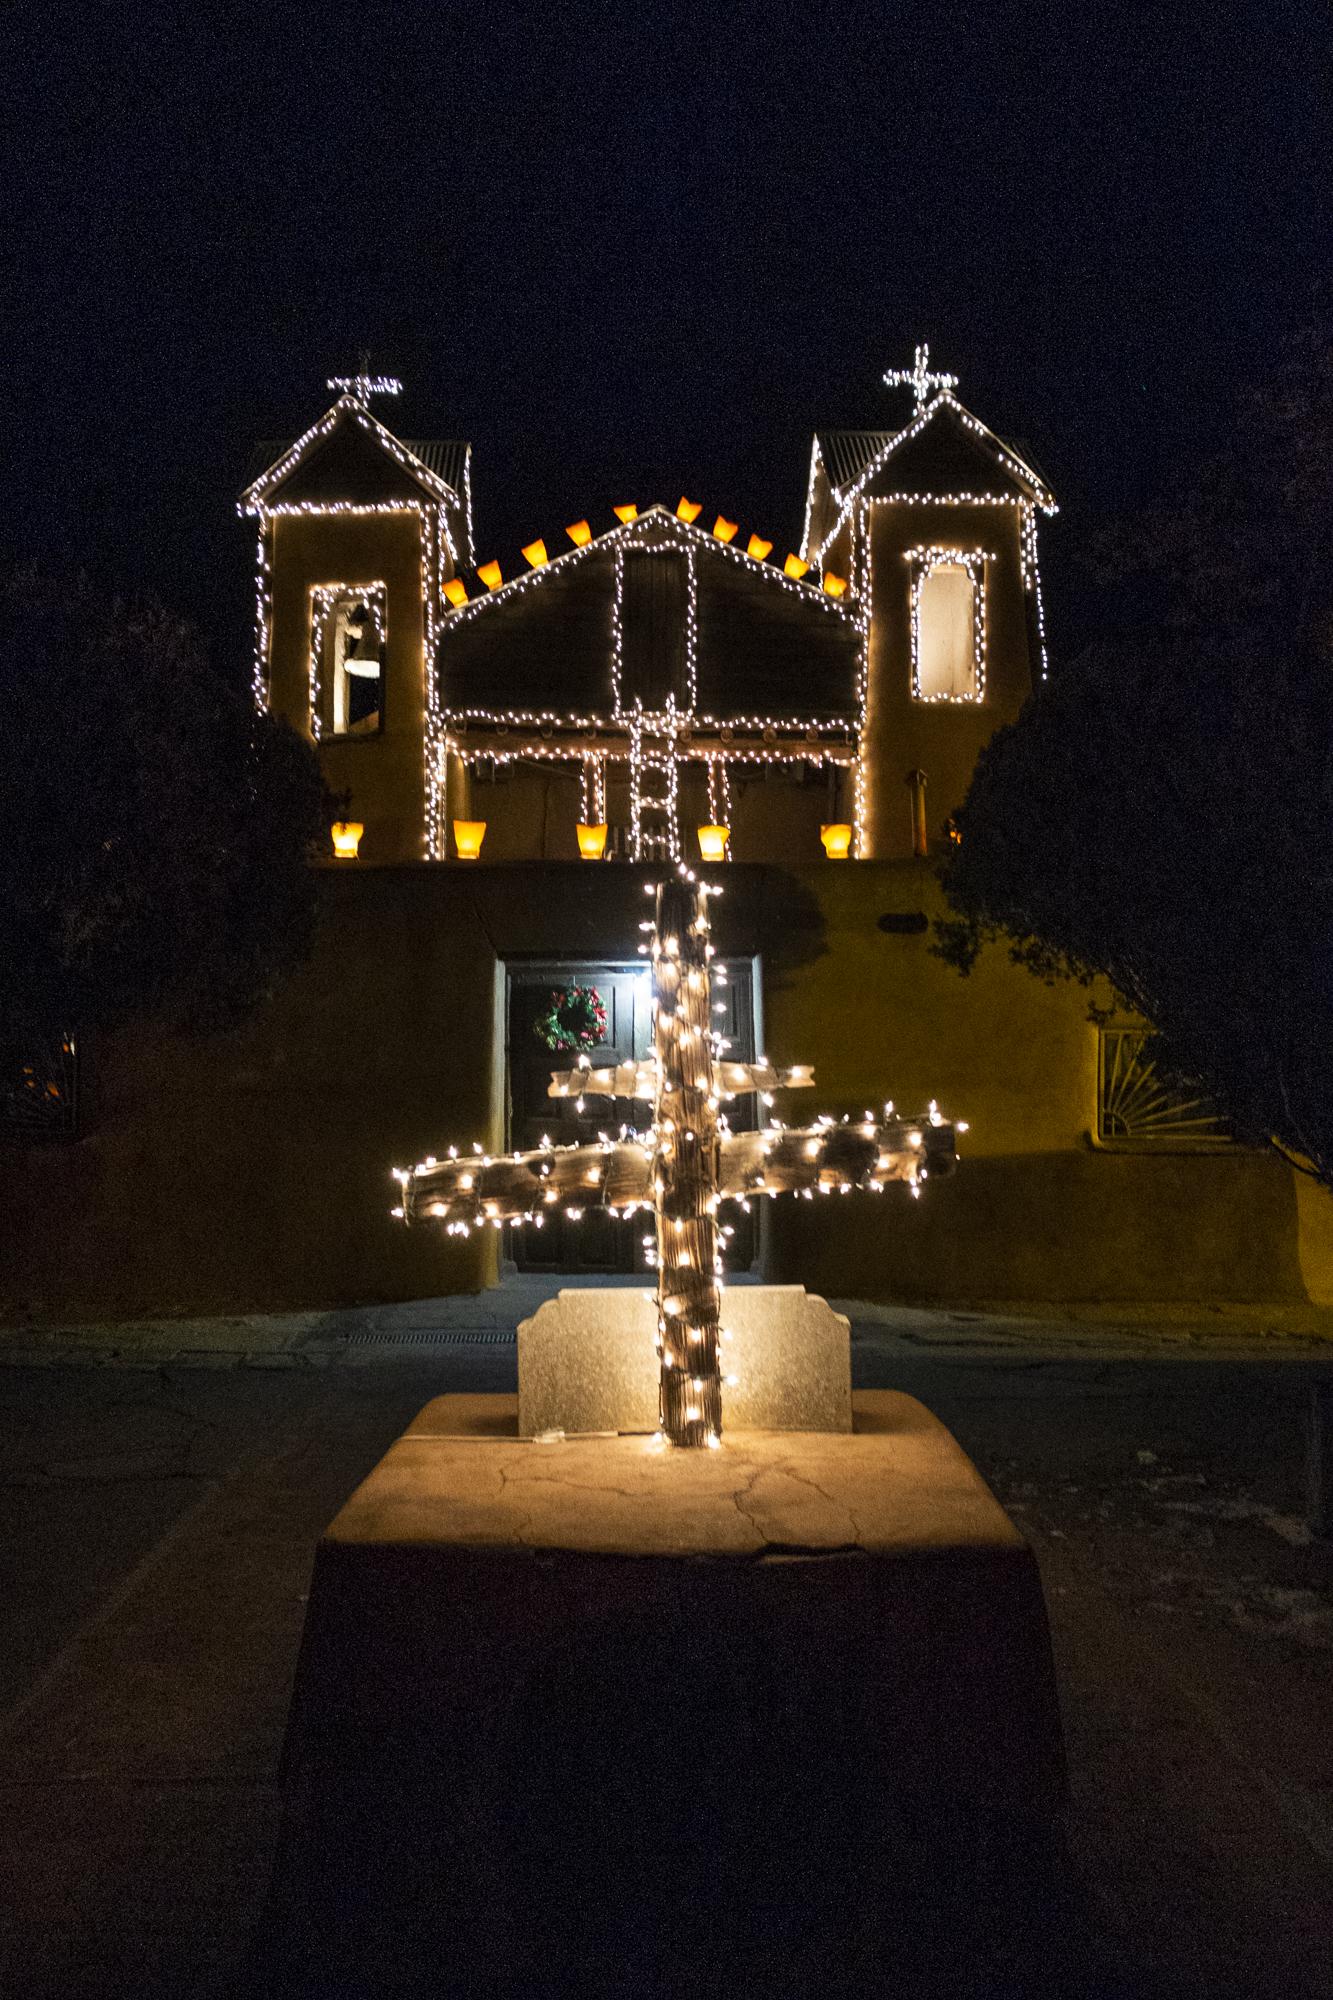 el-santuario-de-chimayo-new-mexico.jpg